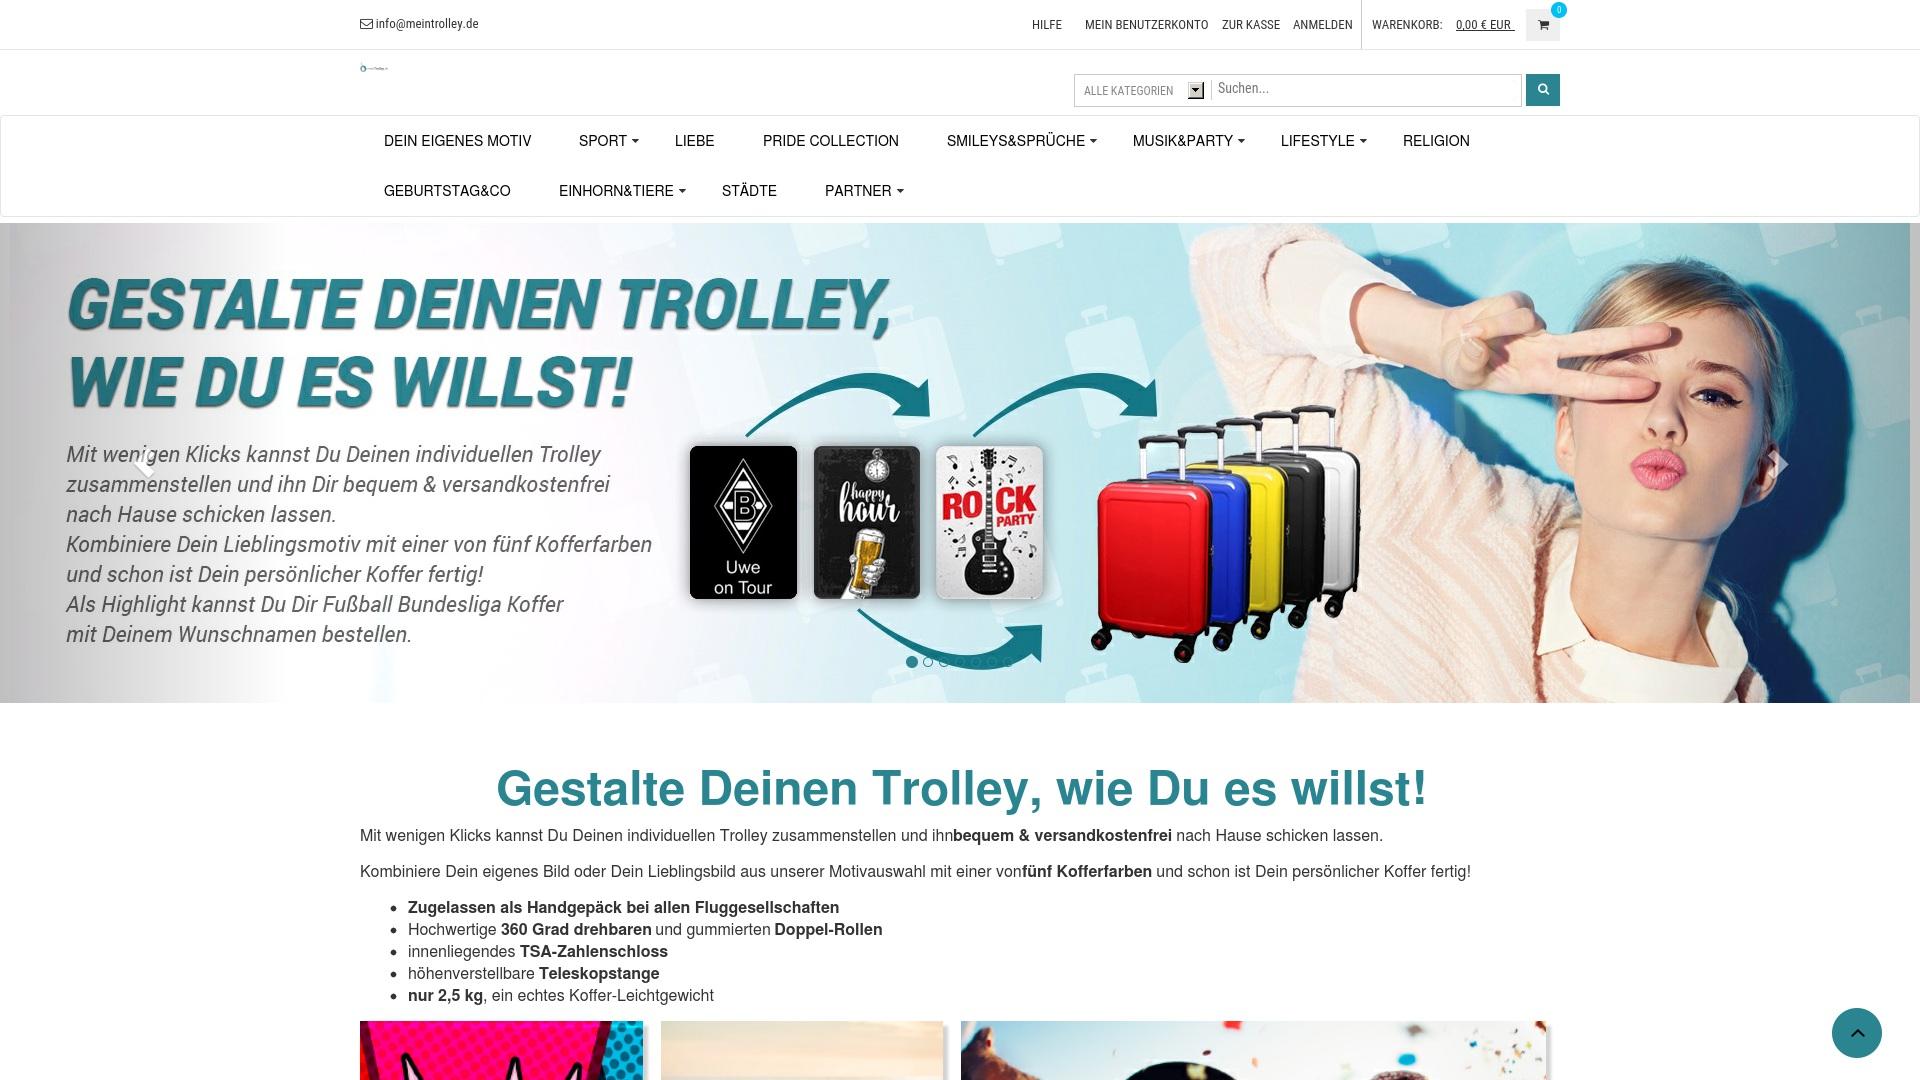 Gutschein für Meintrolley: Rabatte für  Meintrolley sichern